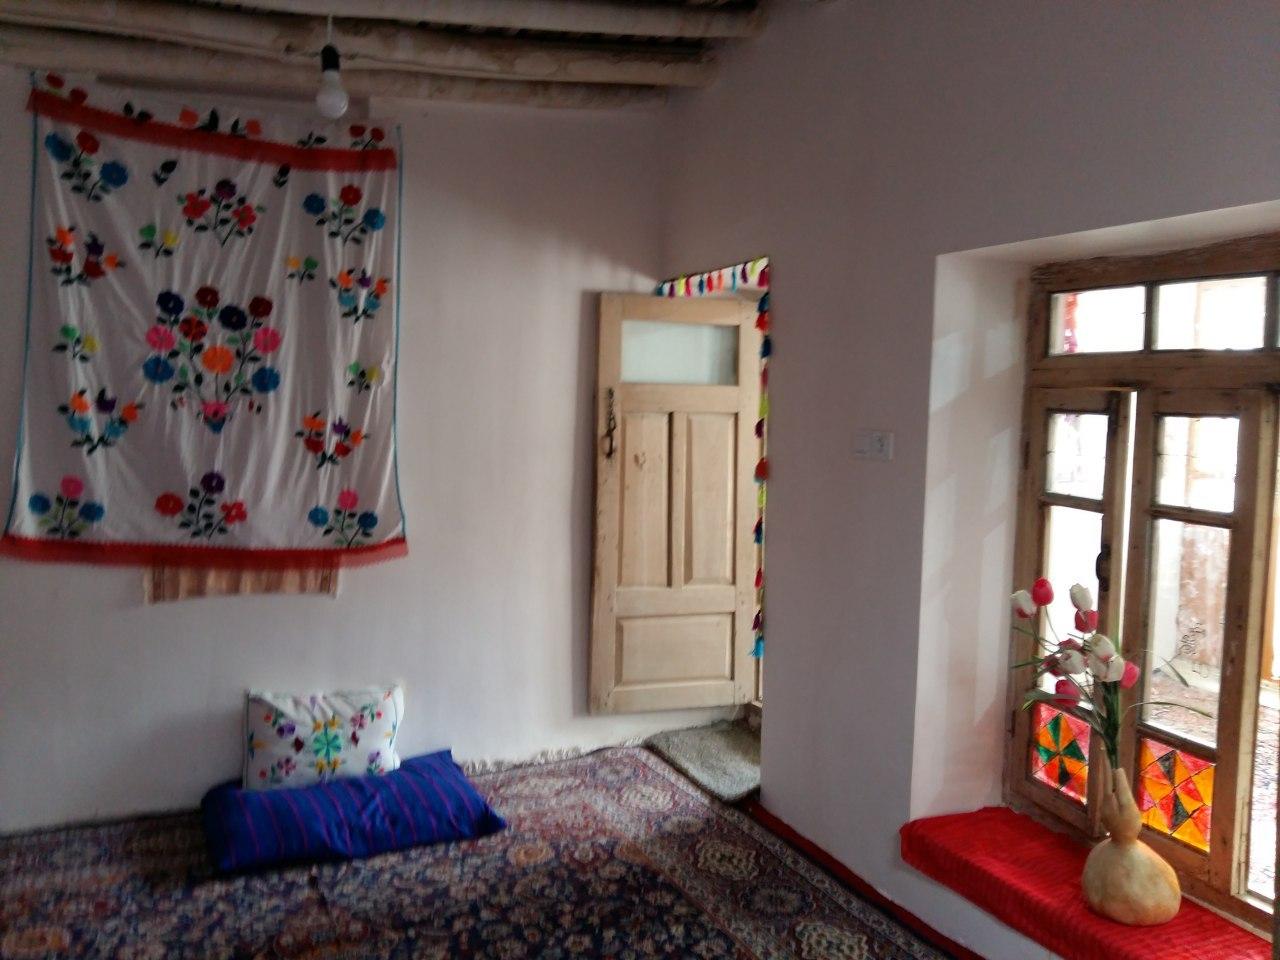 Eco-tourism اتاق سنتی در روئین اسفراین